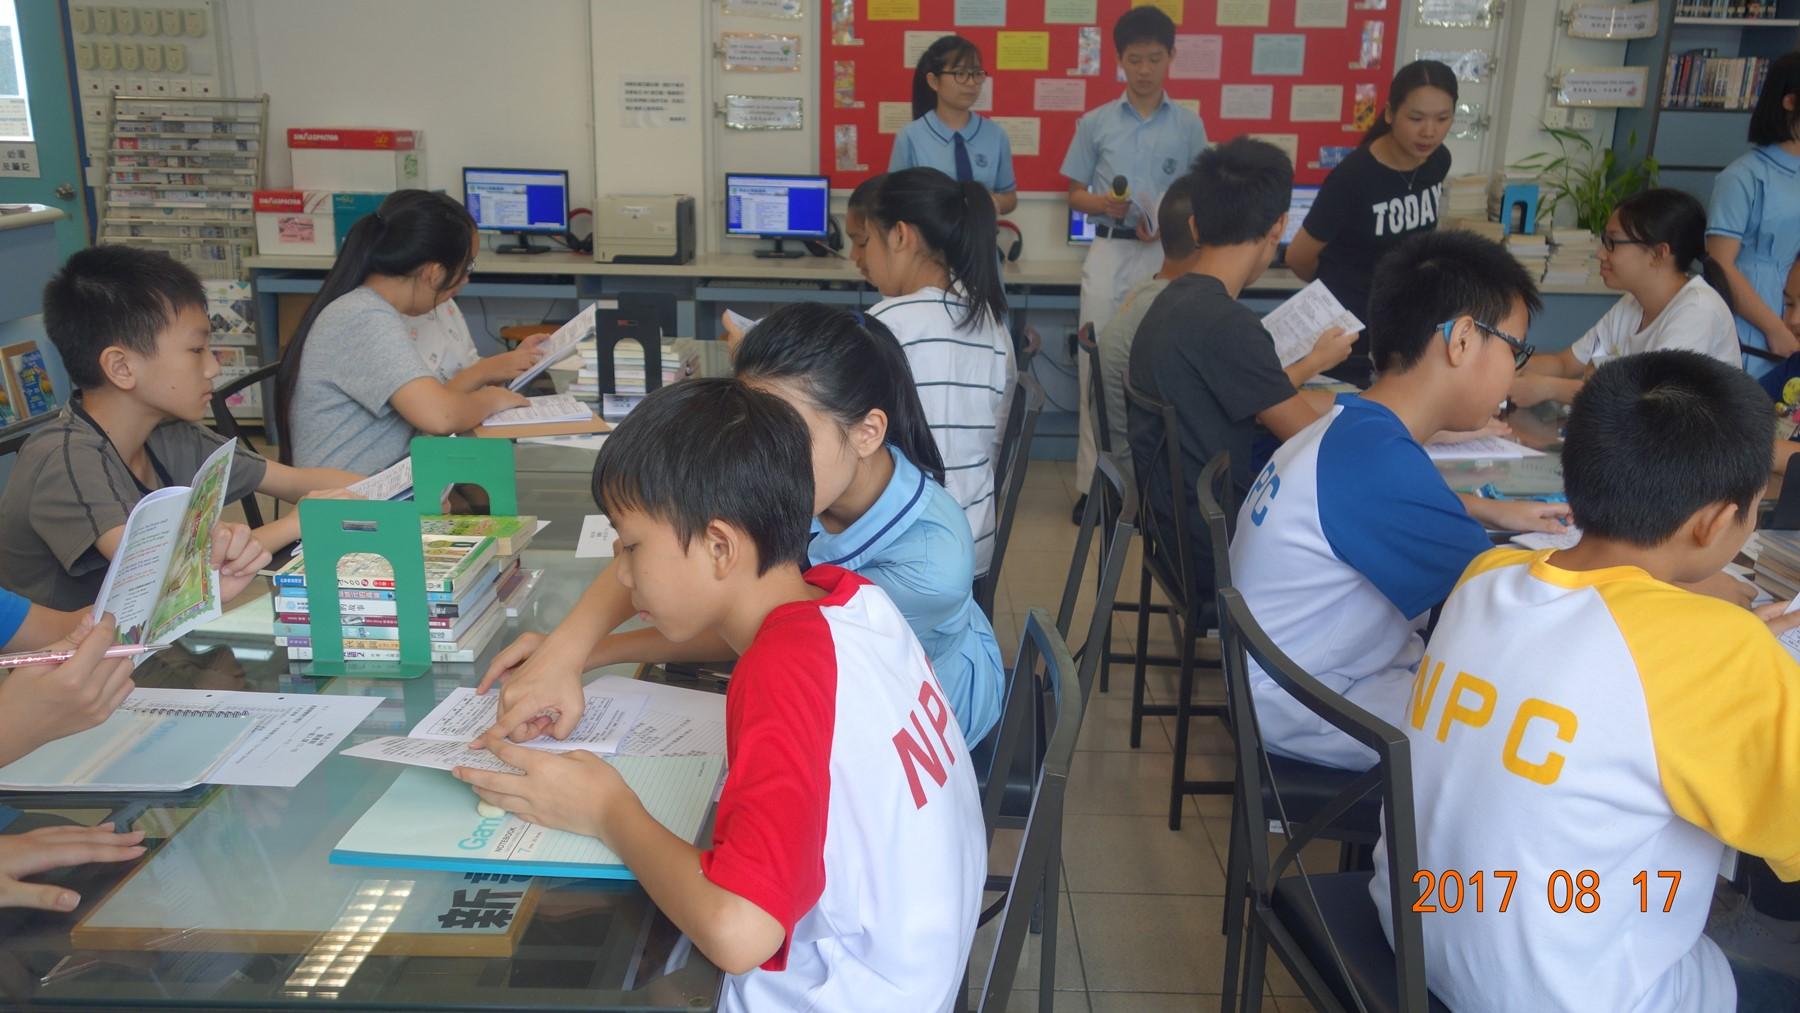 http://www.npc.edu.hk/sites/default/files/1c_kai_qi_zhi_shi_bao_ku_zhi_men_20170817_07.jpg